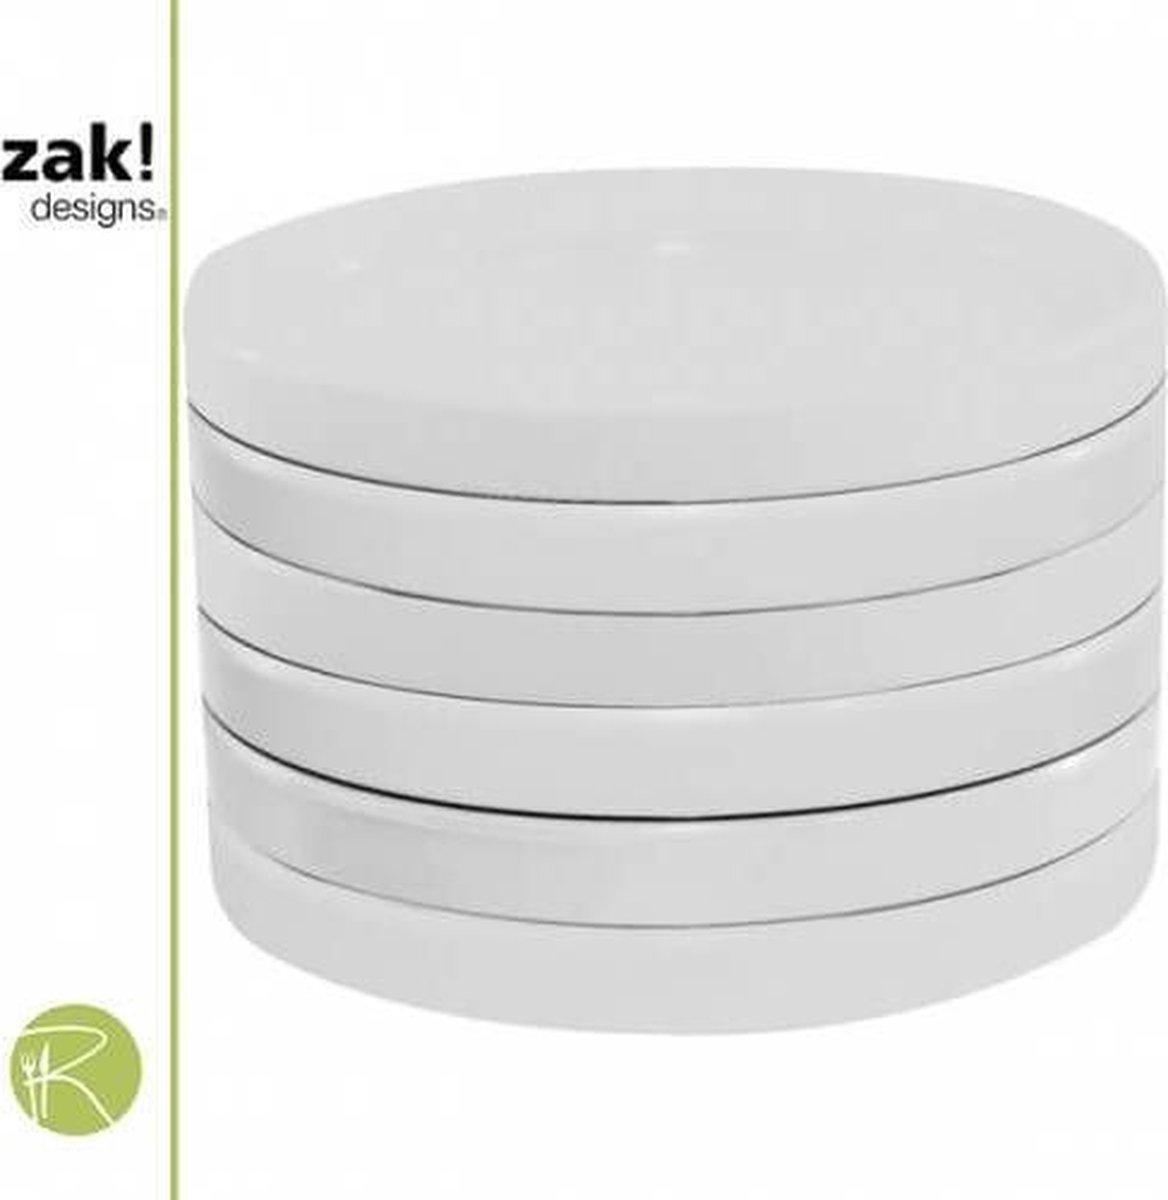 Onderzetters Voor Glazen - Zak!Designs - Party - set van 6 - zak!Designs